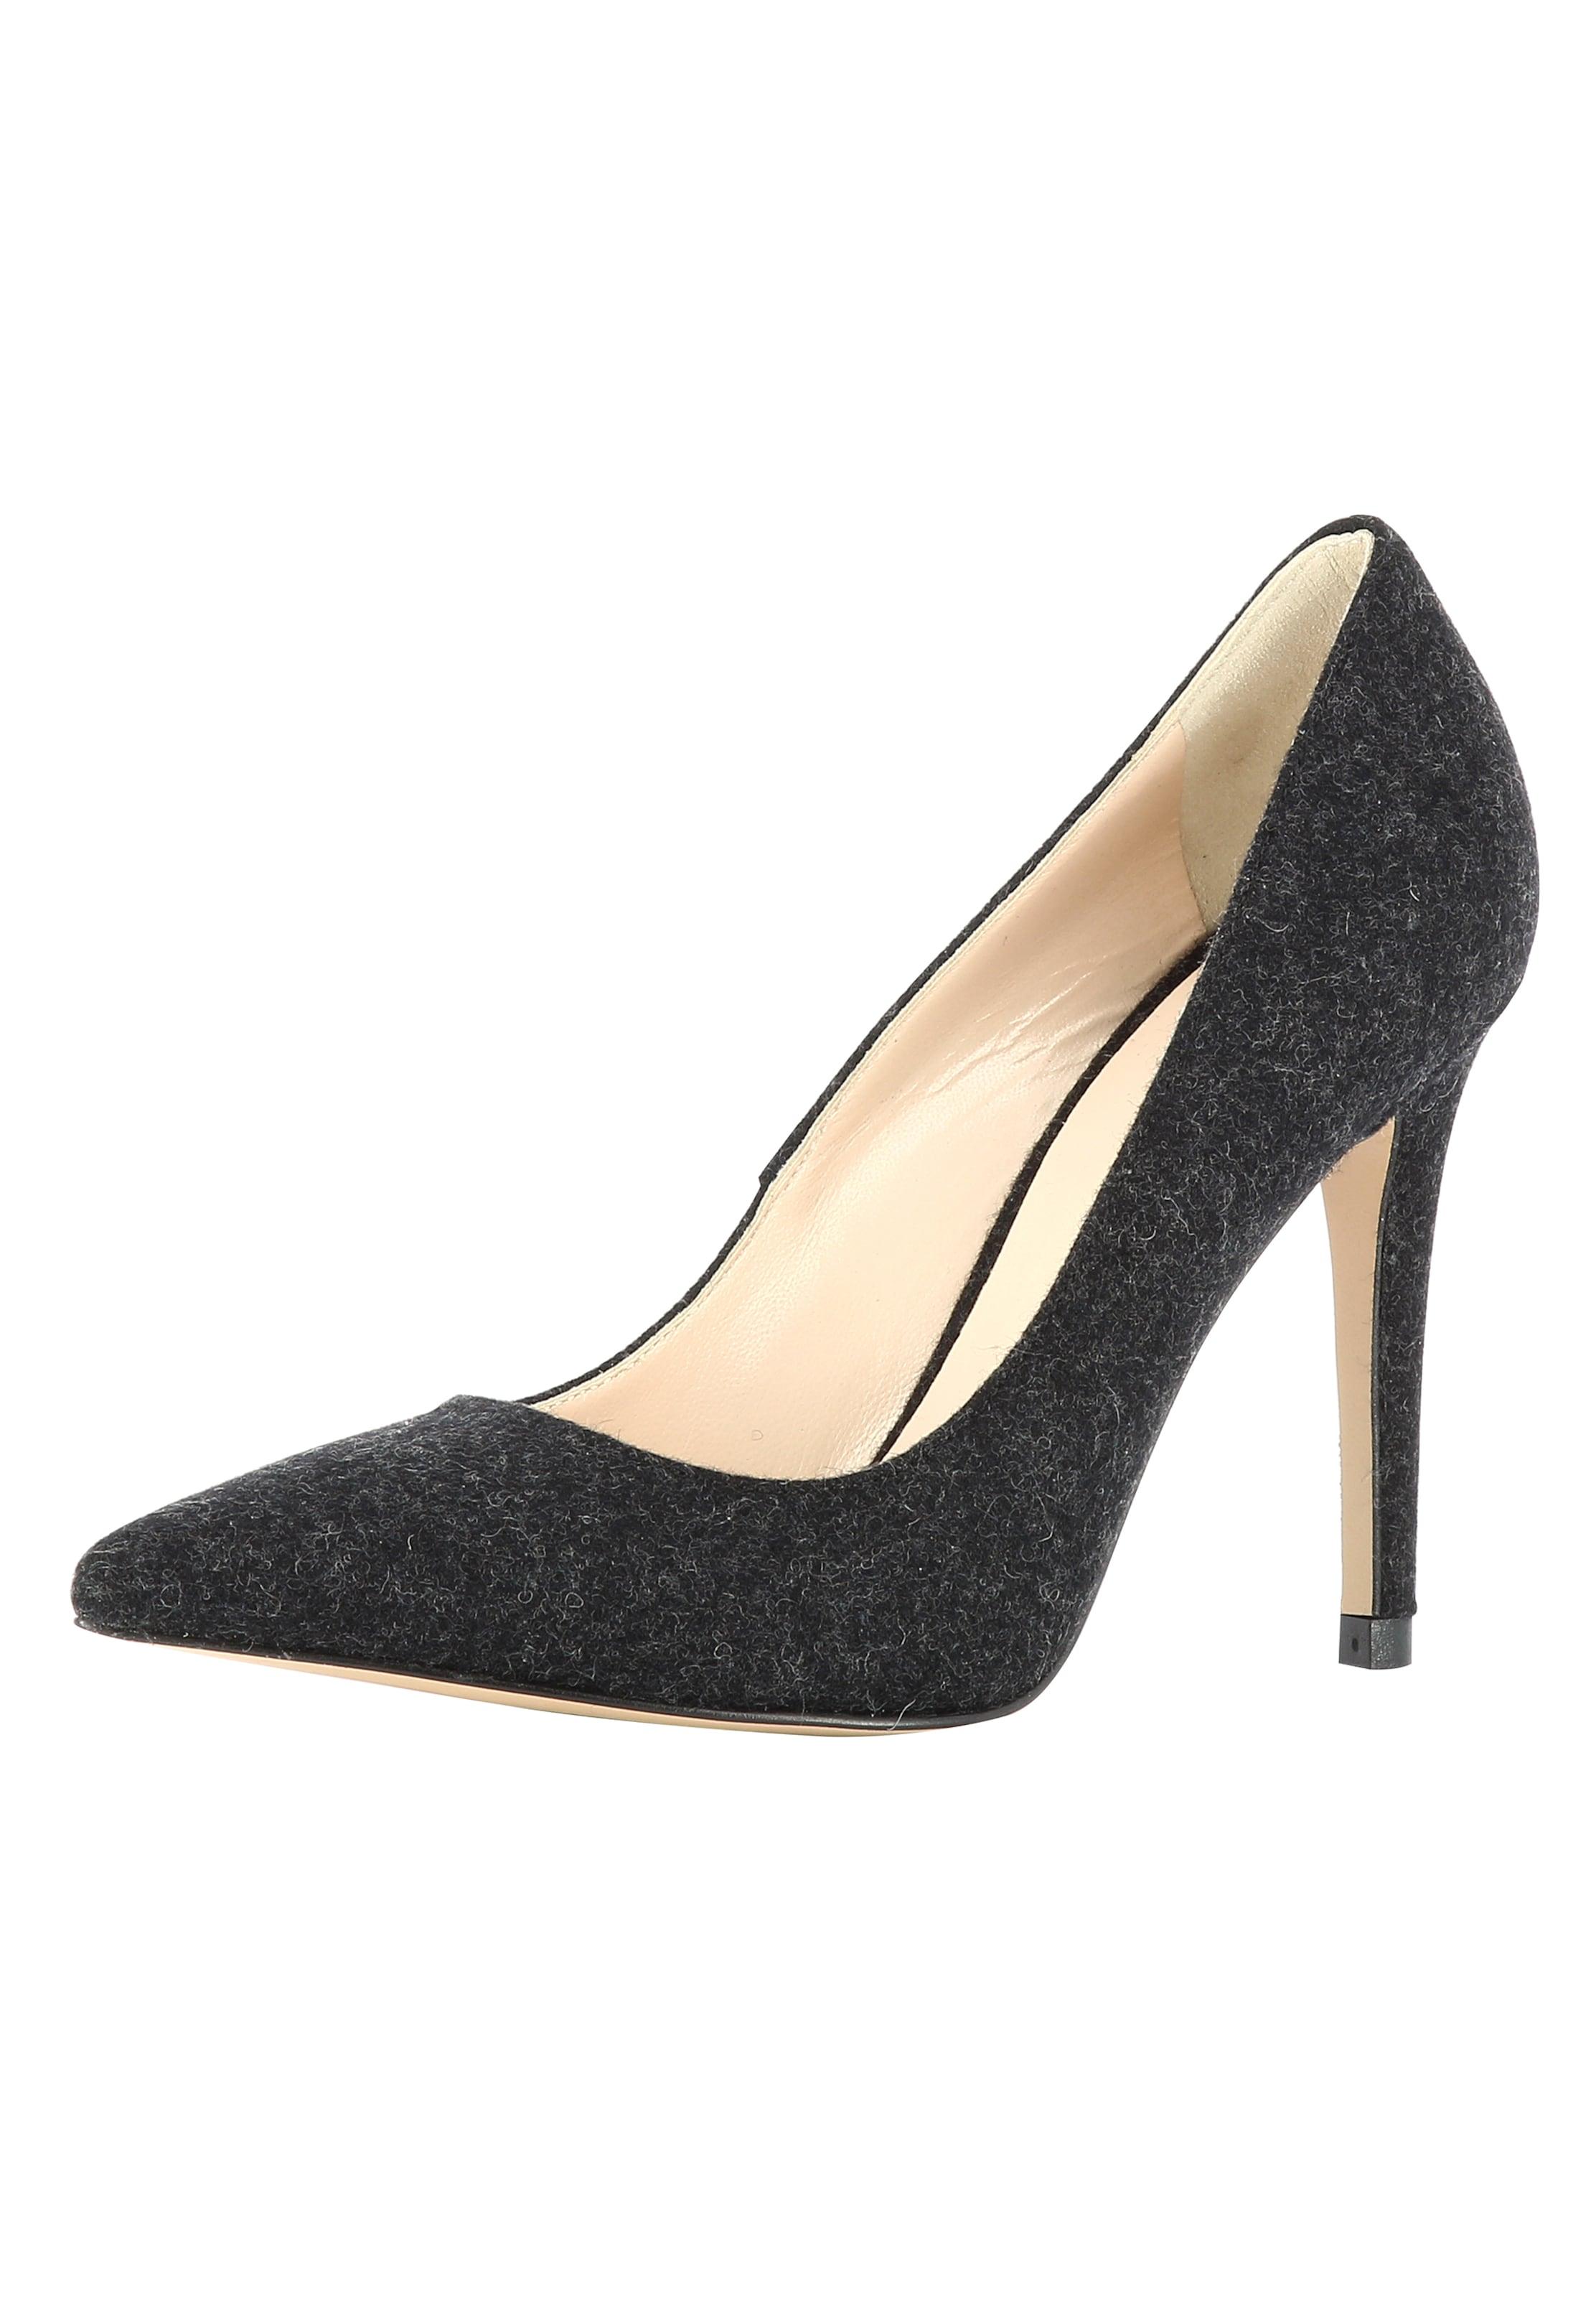 EVITA Damen Pumps Pumps Damen Verschleißfeste billige Schuhe c9cc35